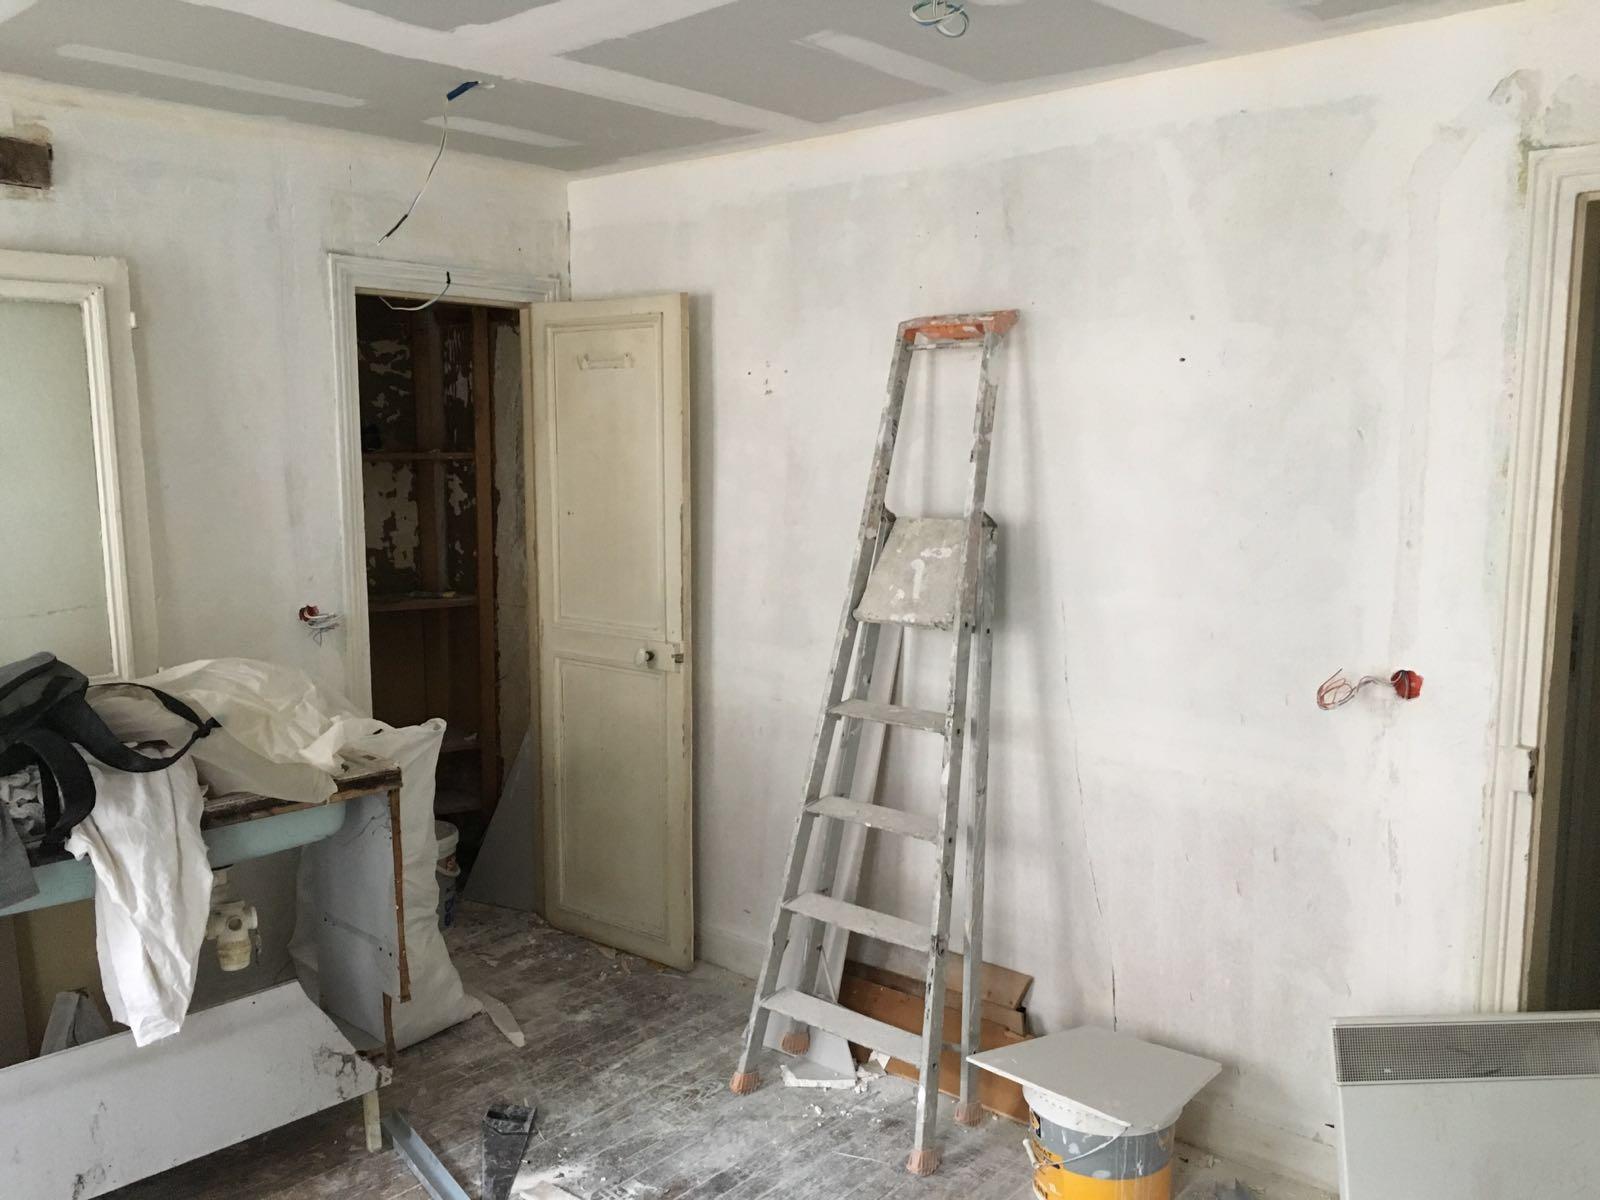 Travaux-de-renovation-a-Asnieres-d'un-studio-23-pose-de-carrelage-toile-de-verre-peinture-plomberie-electricite-sejour-sallon-texas-batiment-rge-min